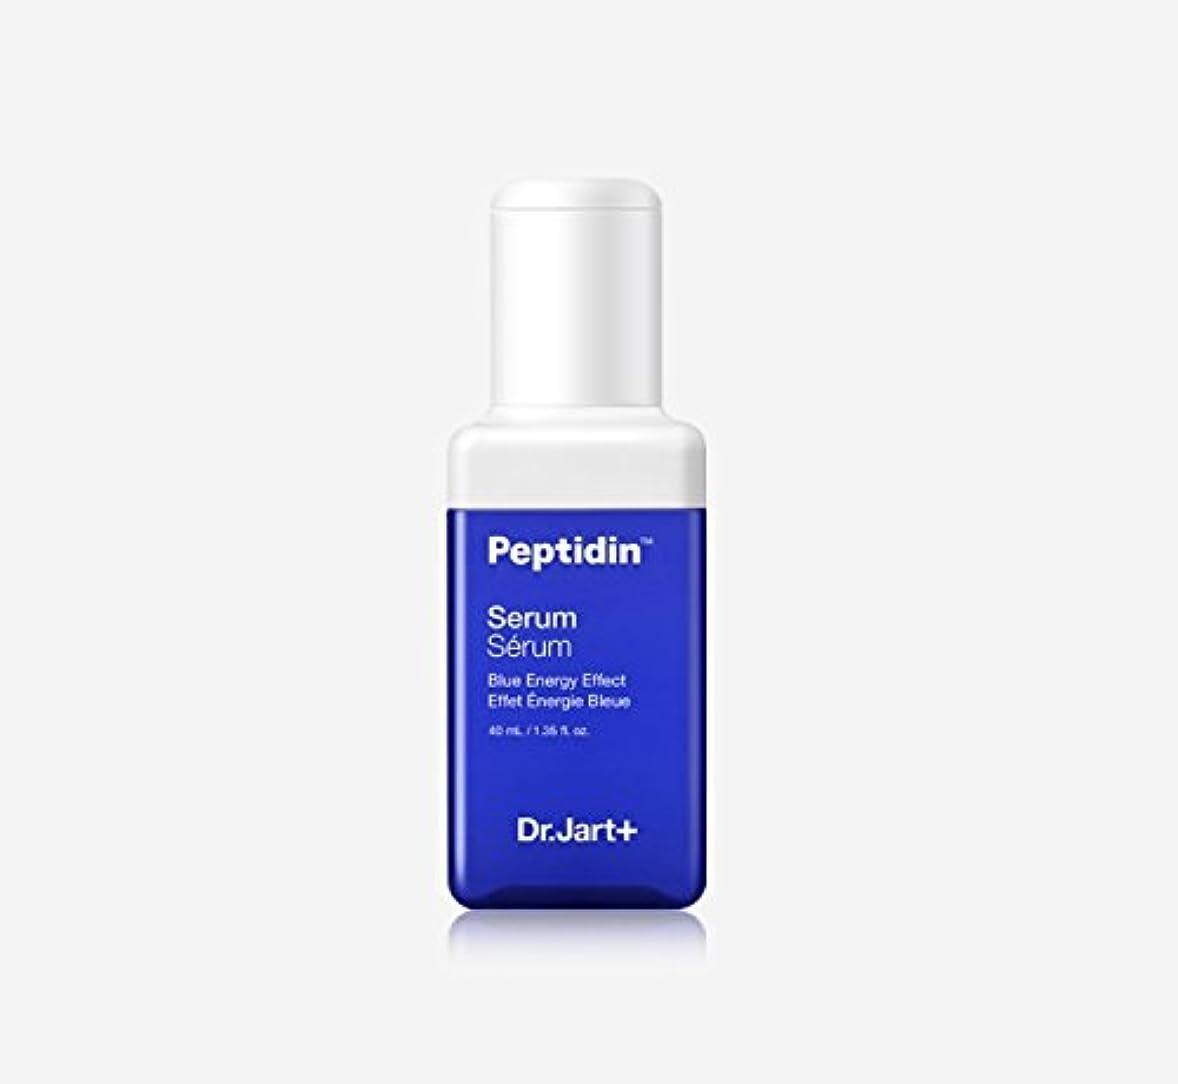 フリッパー定刻これら[Dr.Jart+] ドクタージャルトペプチドディーンセラムブルーエネルギー 40ml / DR JART Peptidin Serum Blue Energy 1.35 fl.oz. [海外直送品]